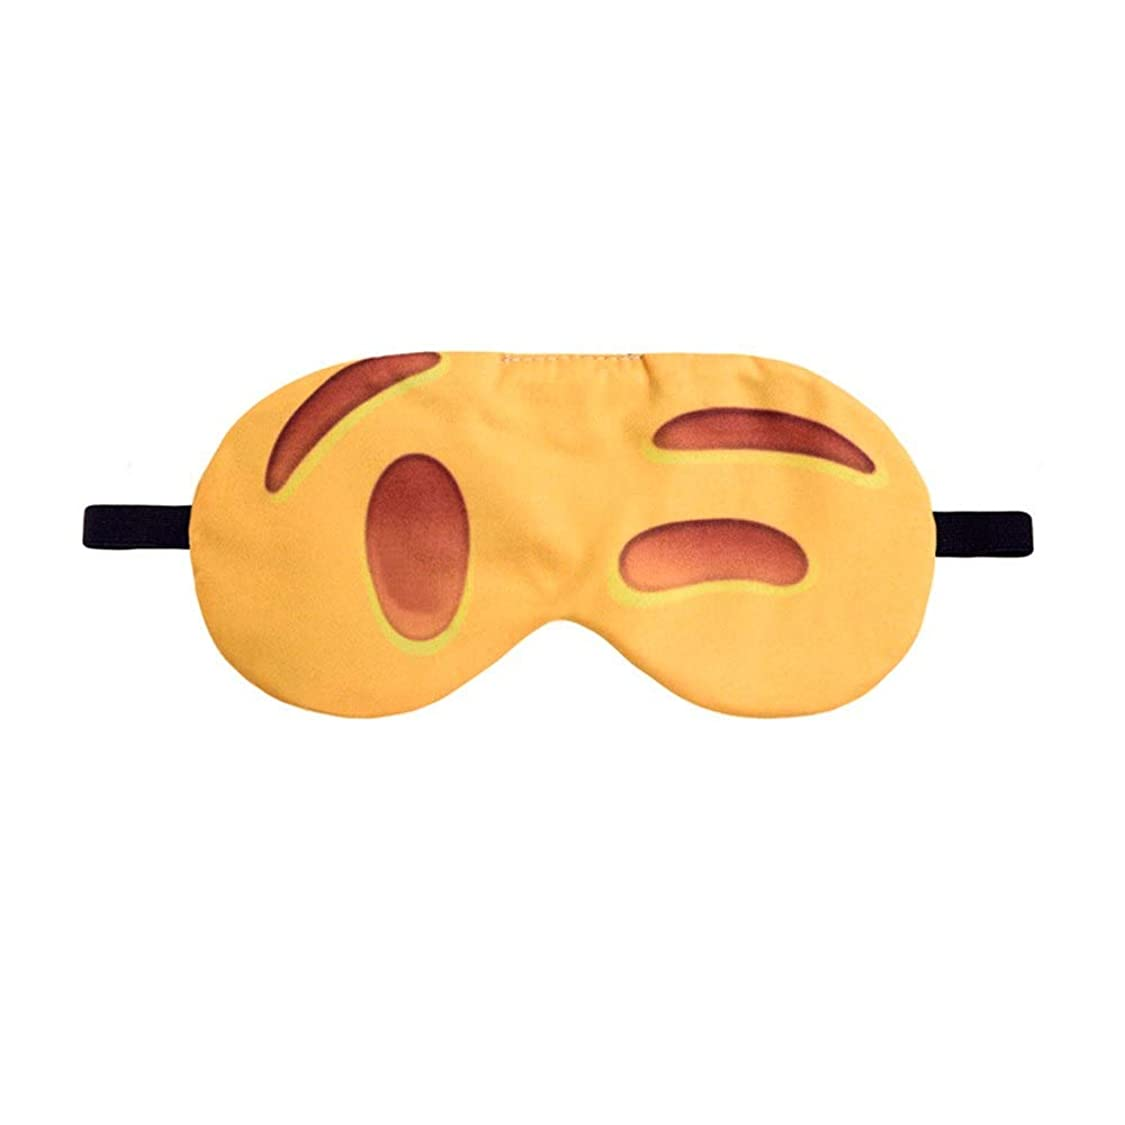 細分化するコテージ動機付けるNOTE かわいい絵文字パターン旅行睡眠アイシェード睡眠マスクカバーソフト睡眠マスククリエイティブ3dプリント絵文字エクスプレスブラインドツール